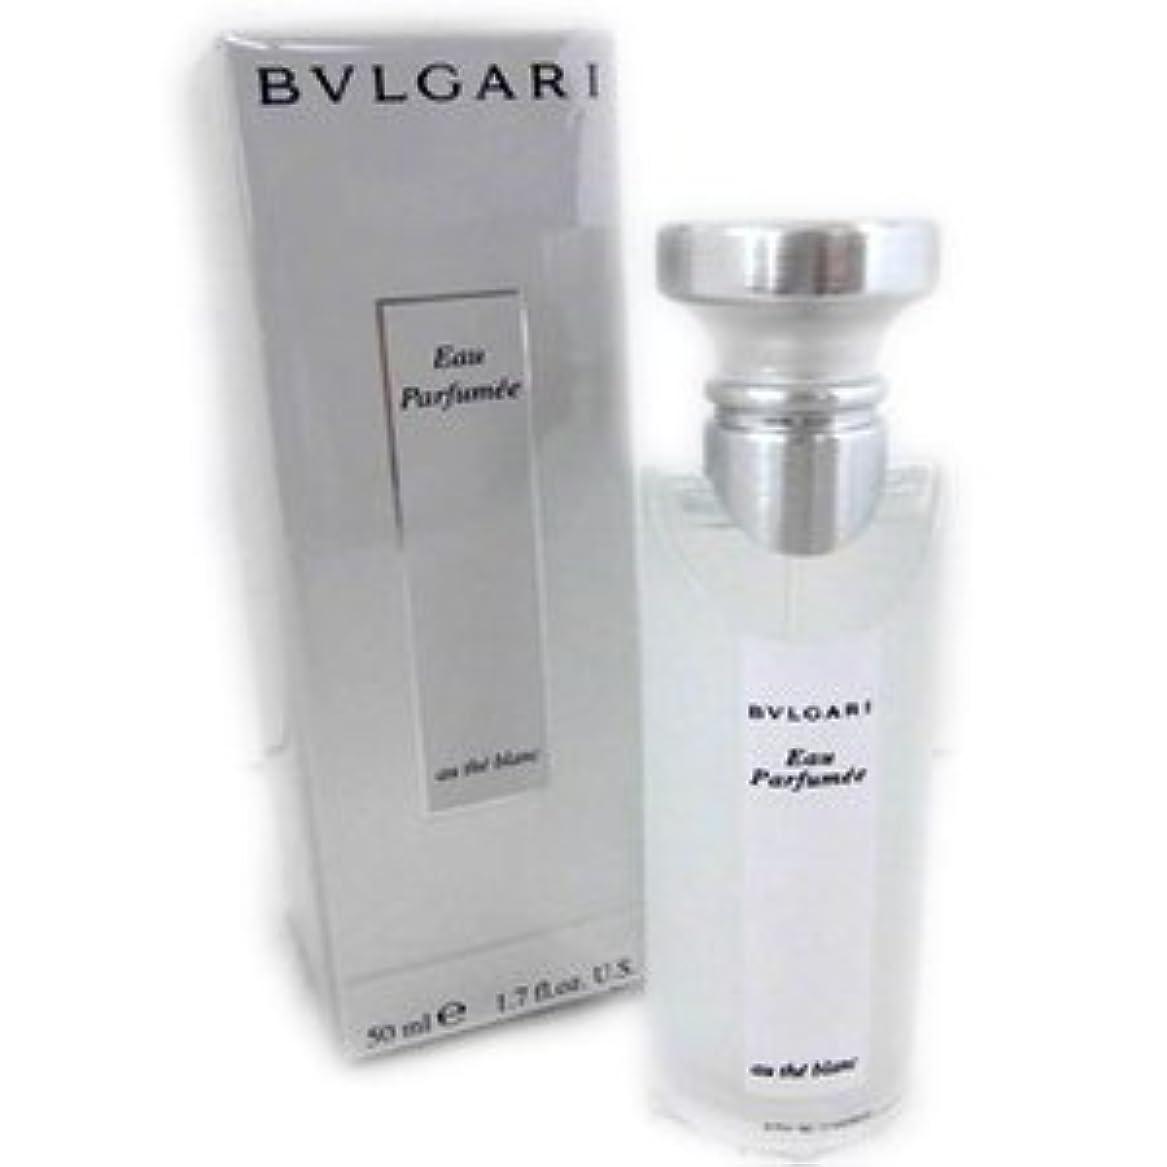 崖普及汚れたブルガリ BVLGARI 香水 オパフメ オーテブラン オーデコロン スプレー EDC SP 50ml オーデブラン [レディース]